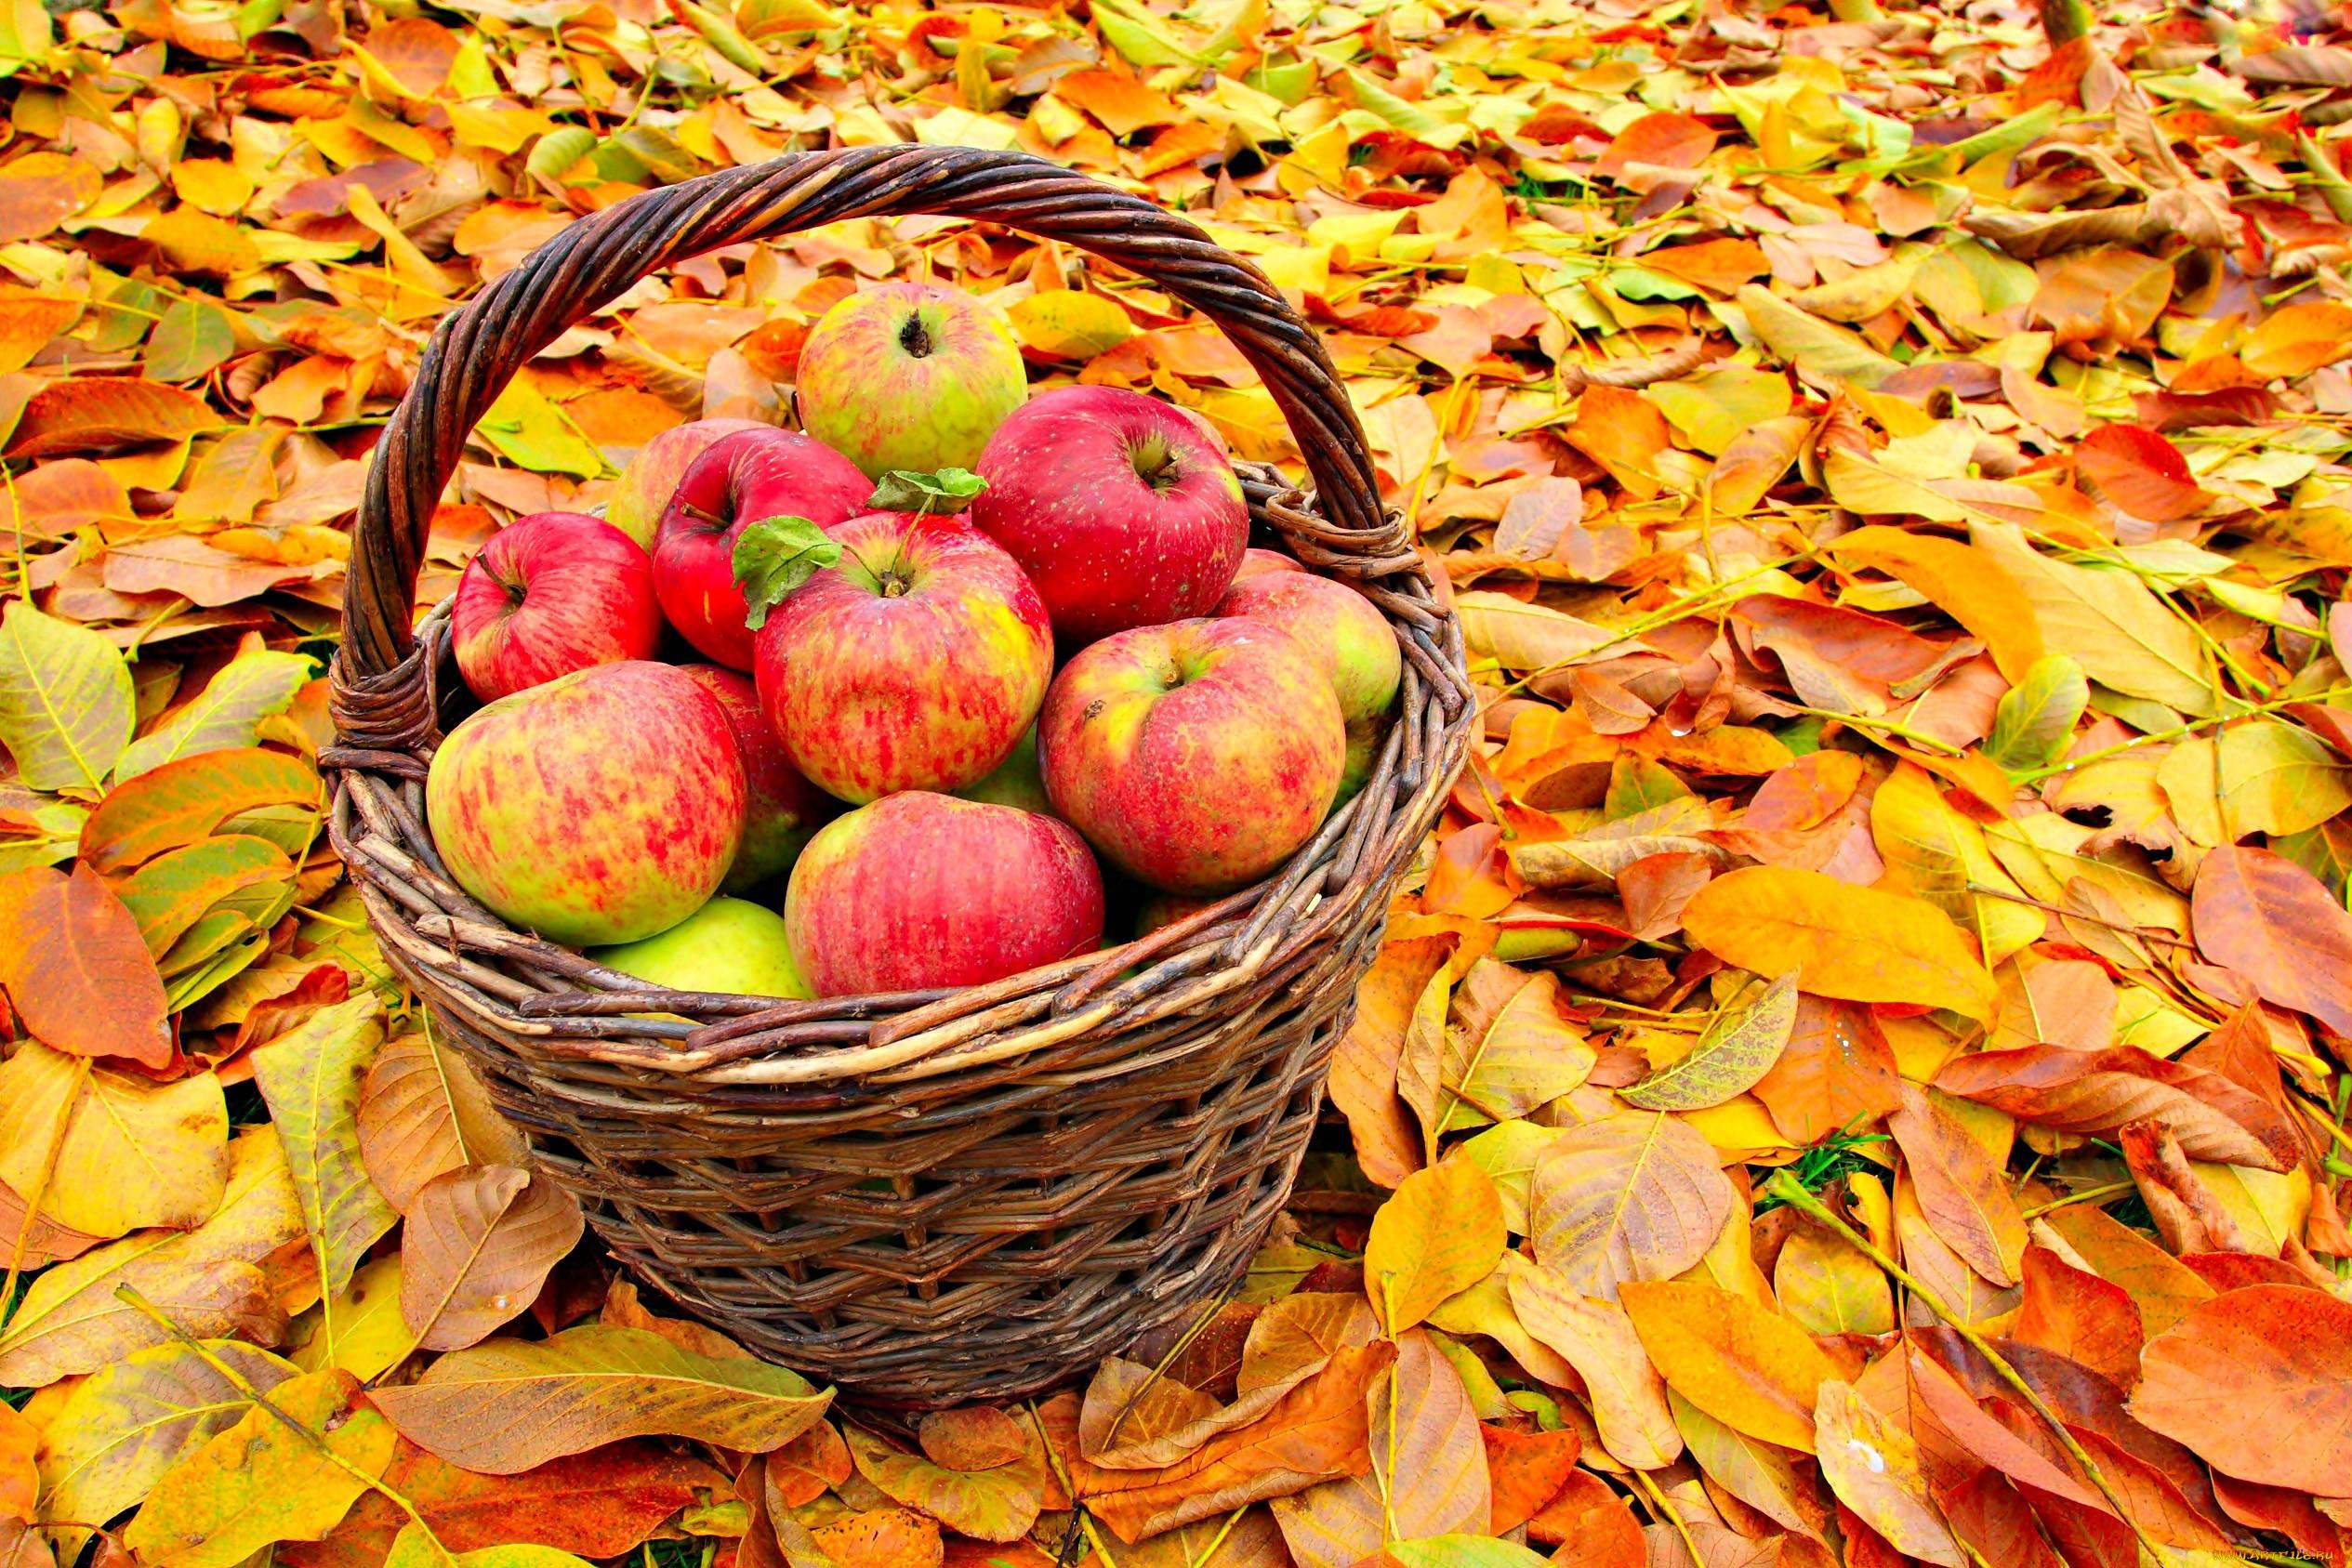 яблоки в корзине осень фото вновь прибывающих